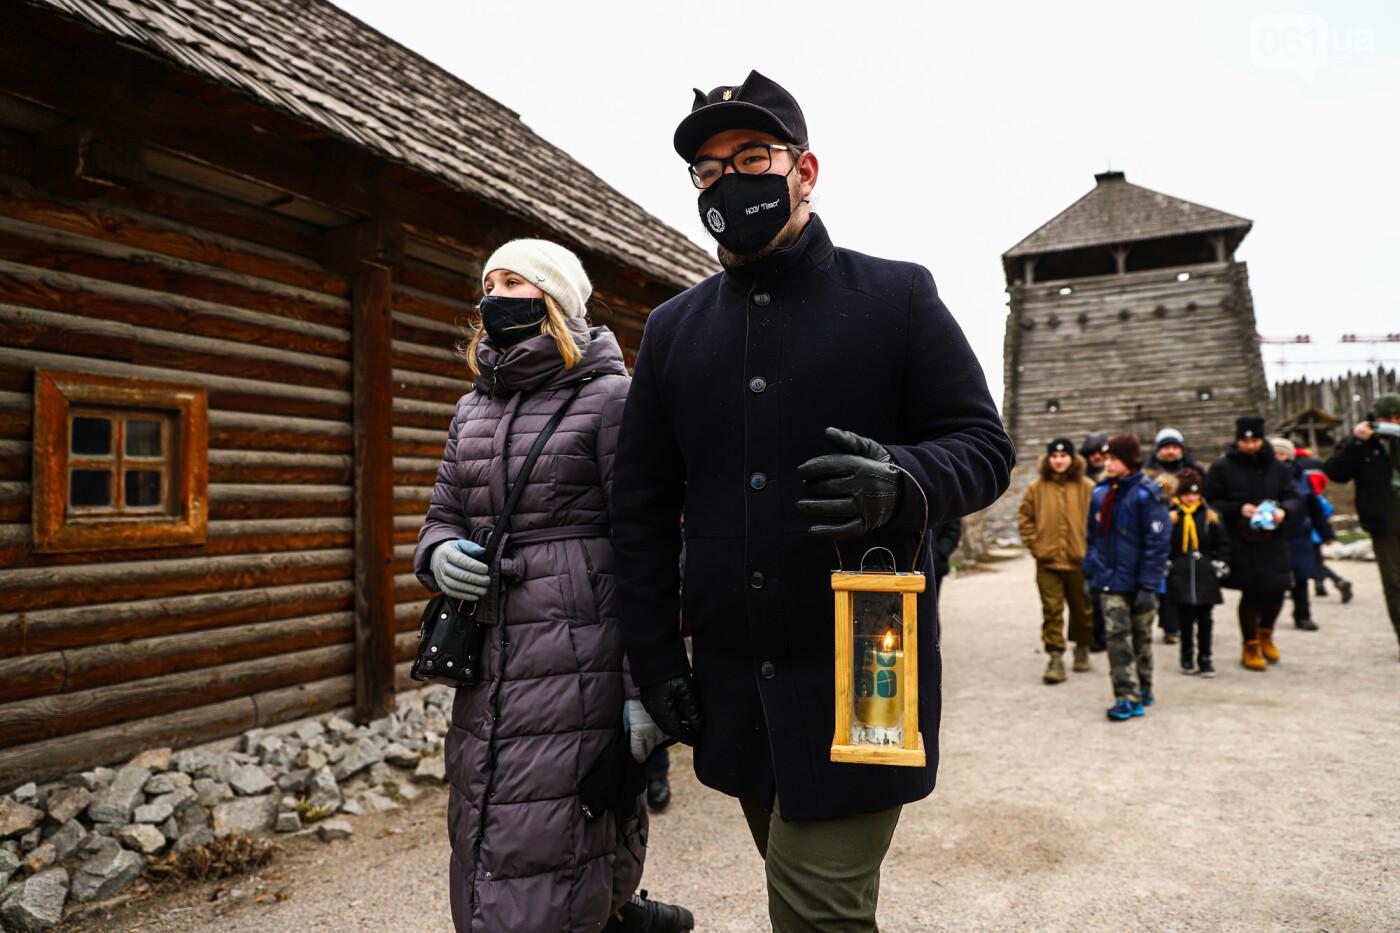 На Хортице скауты передали священникам Вифлеемский огонь, - ФОТОРЕПОРТАЖ, фото-2